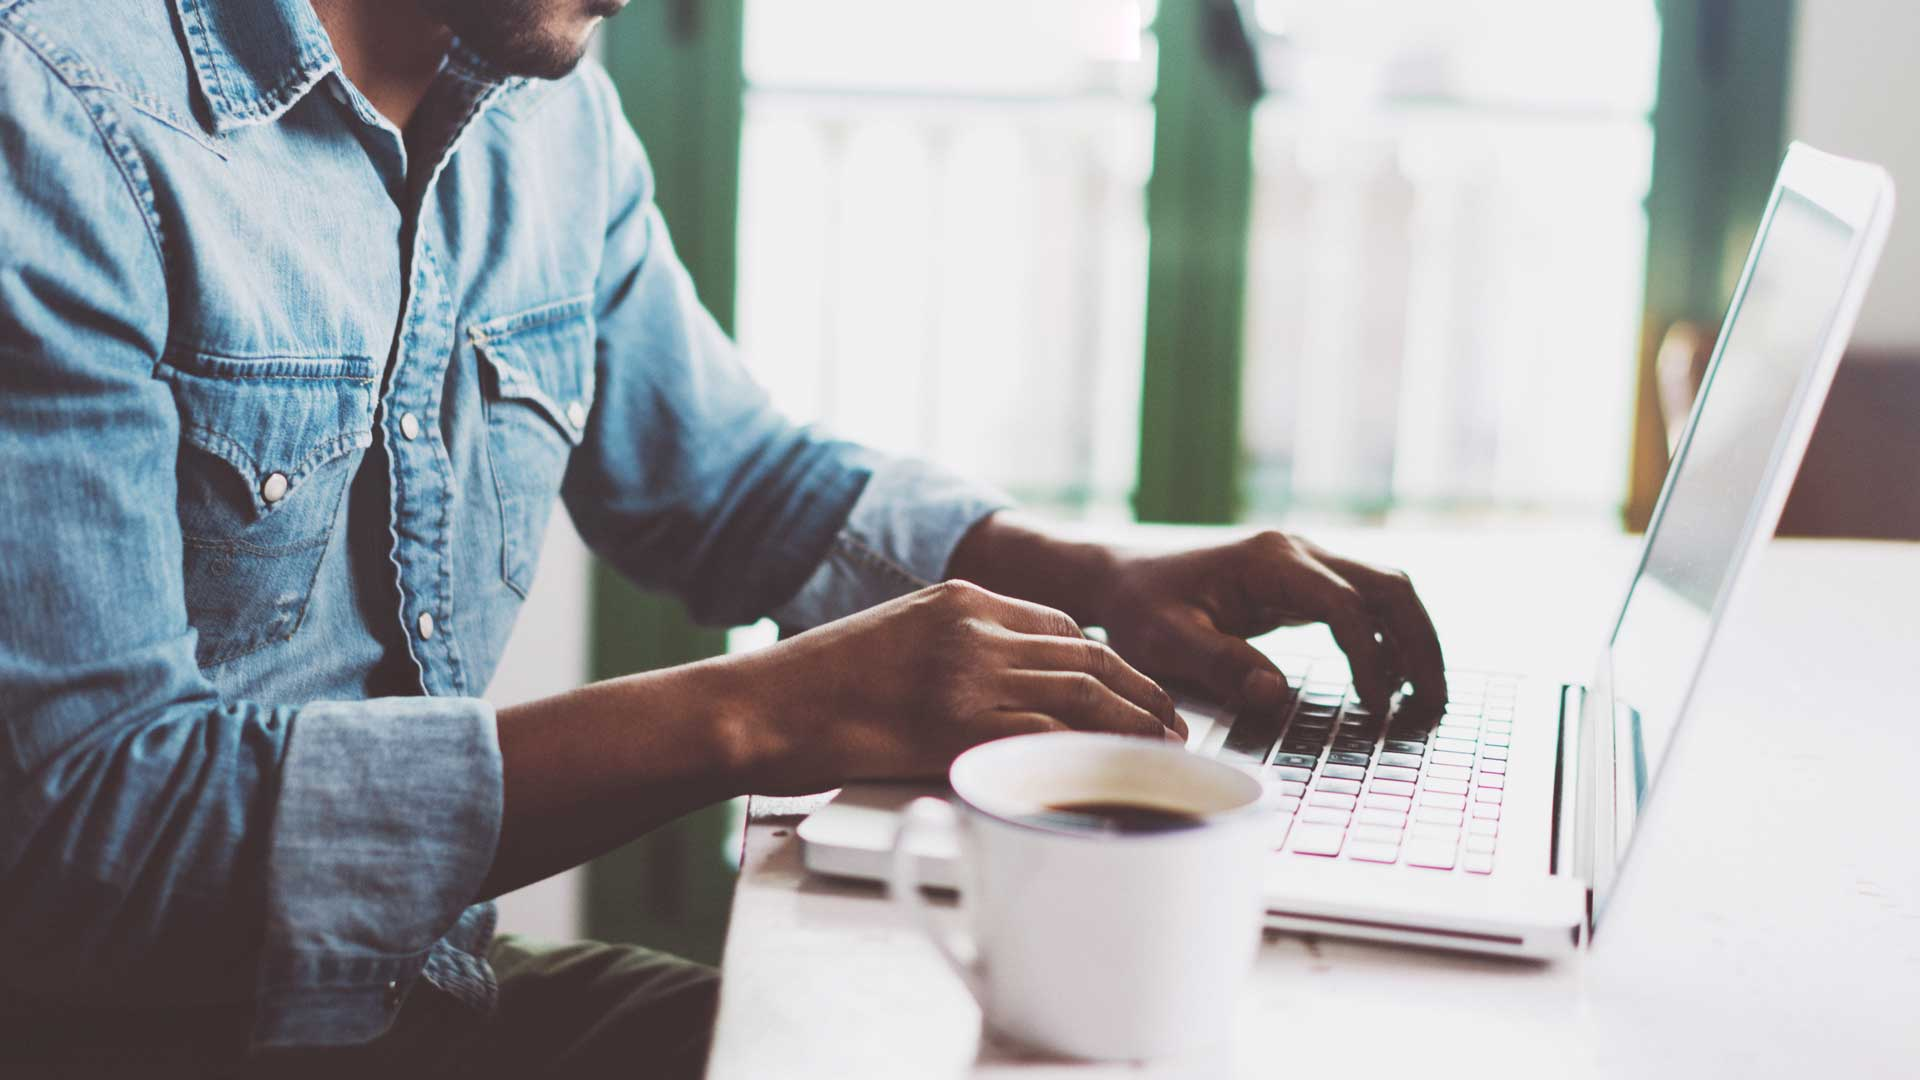 Los beneficios de utilizar herramientas de gestión de proyectos y flujo de trabajo